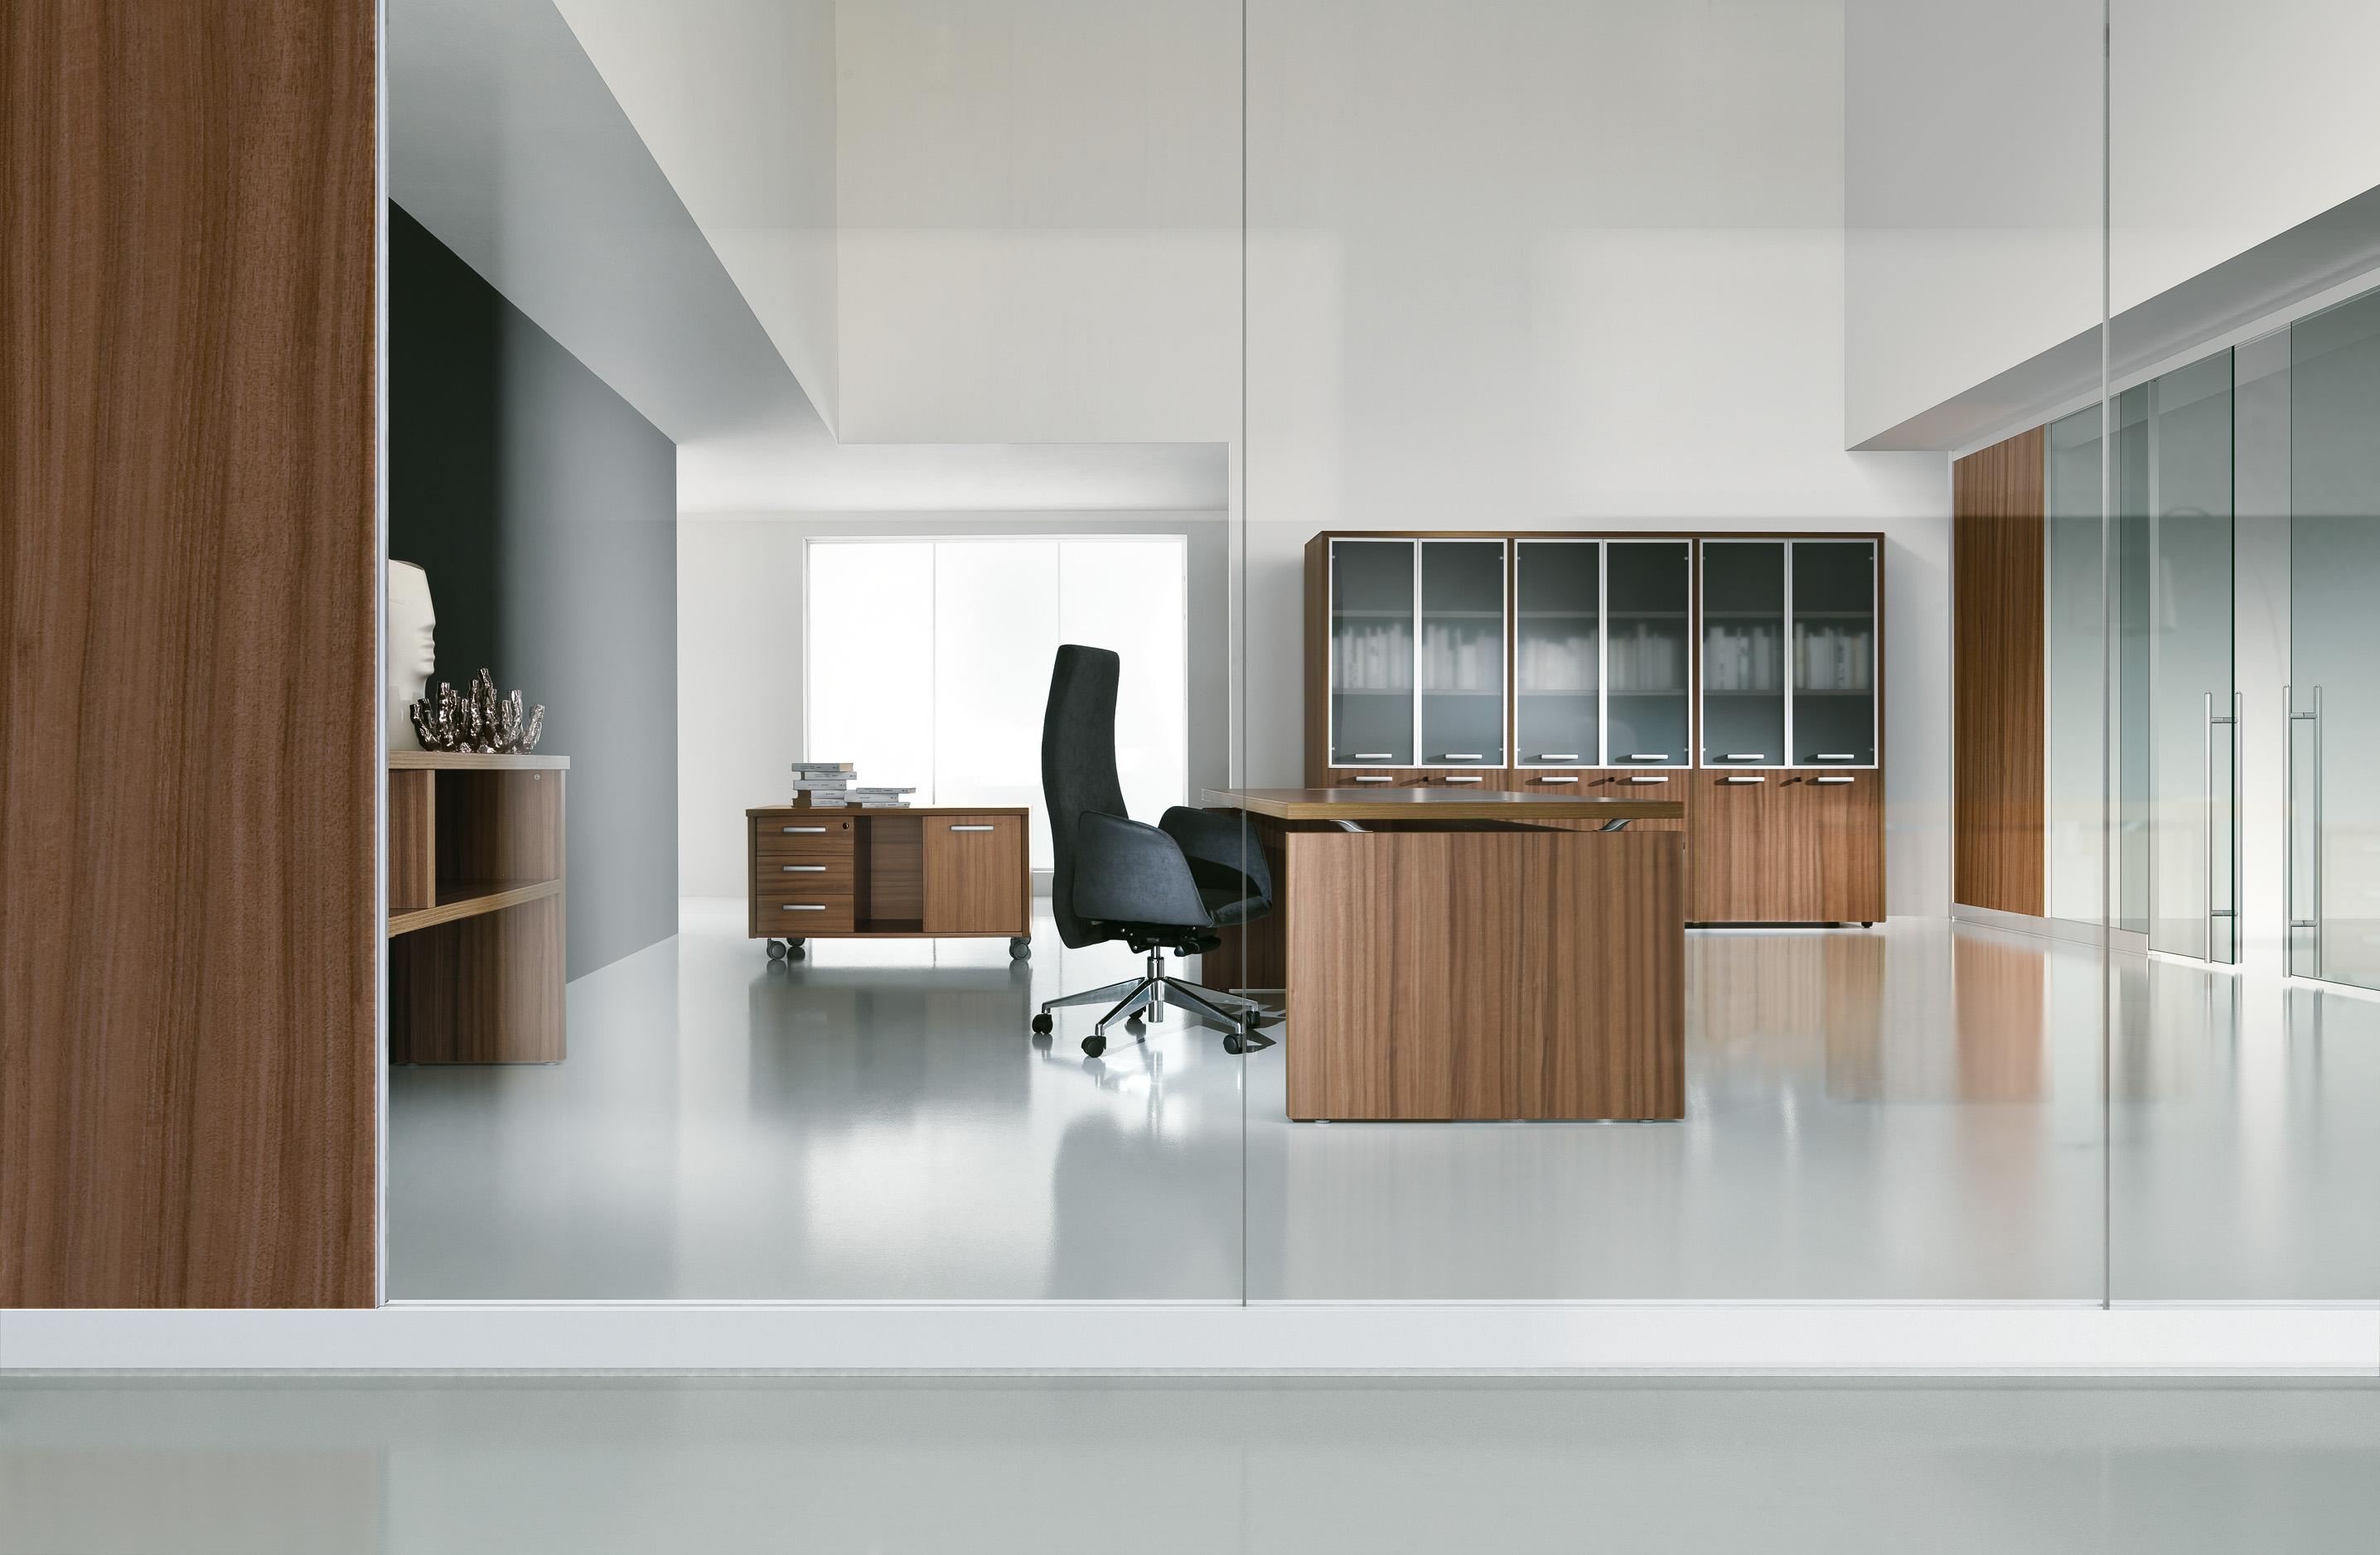 Offerta ufficio direzionale completo 949 00 gimaoffice for Ufficio 10